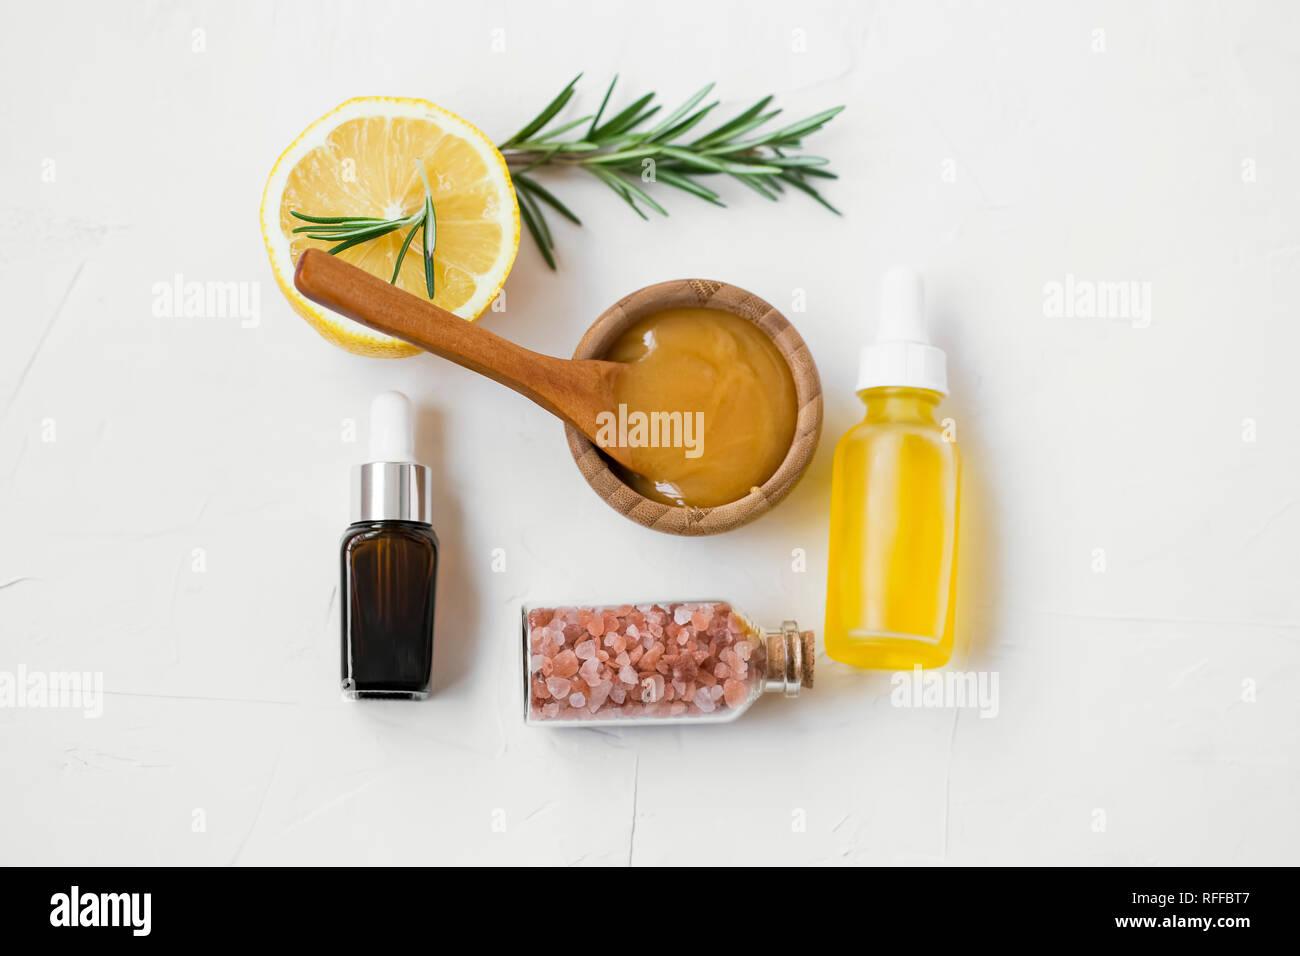 Organic skincare ingredients with manuka honey, oils, bath